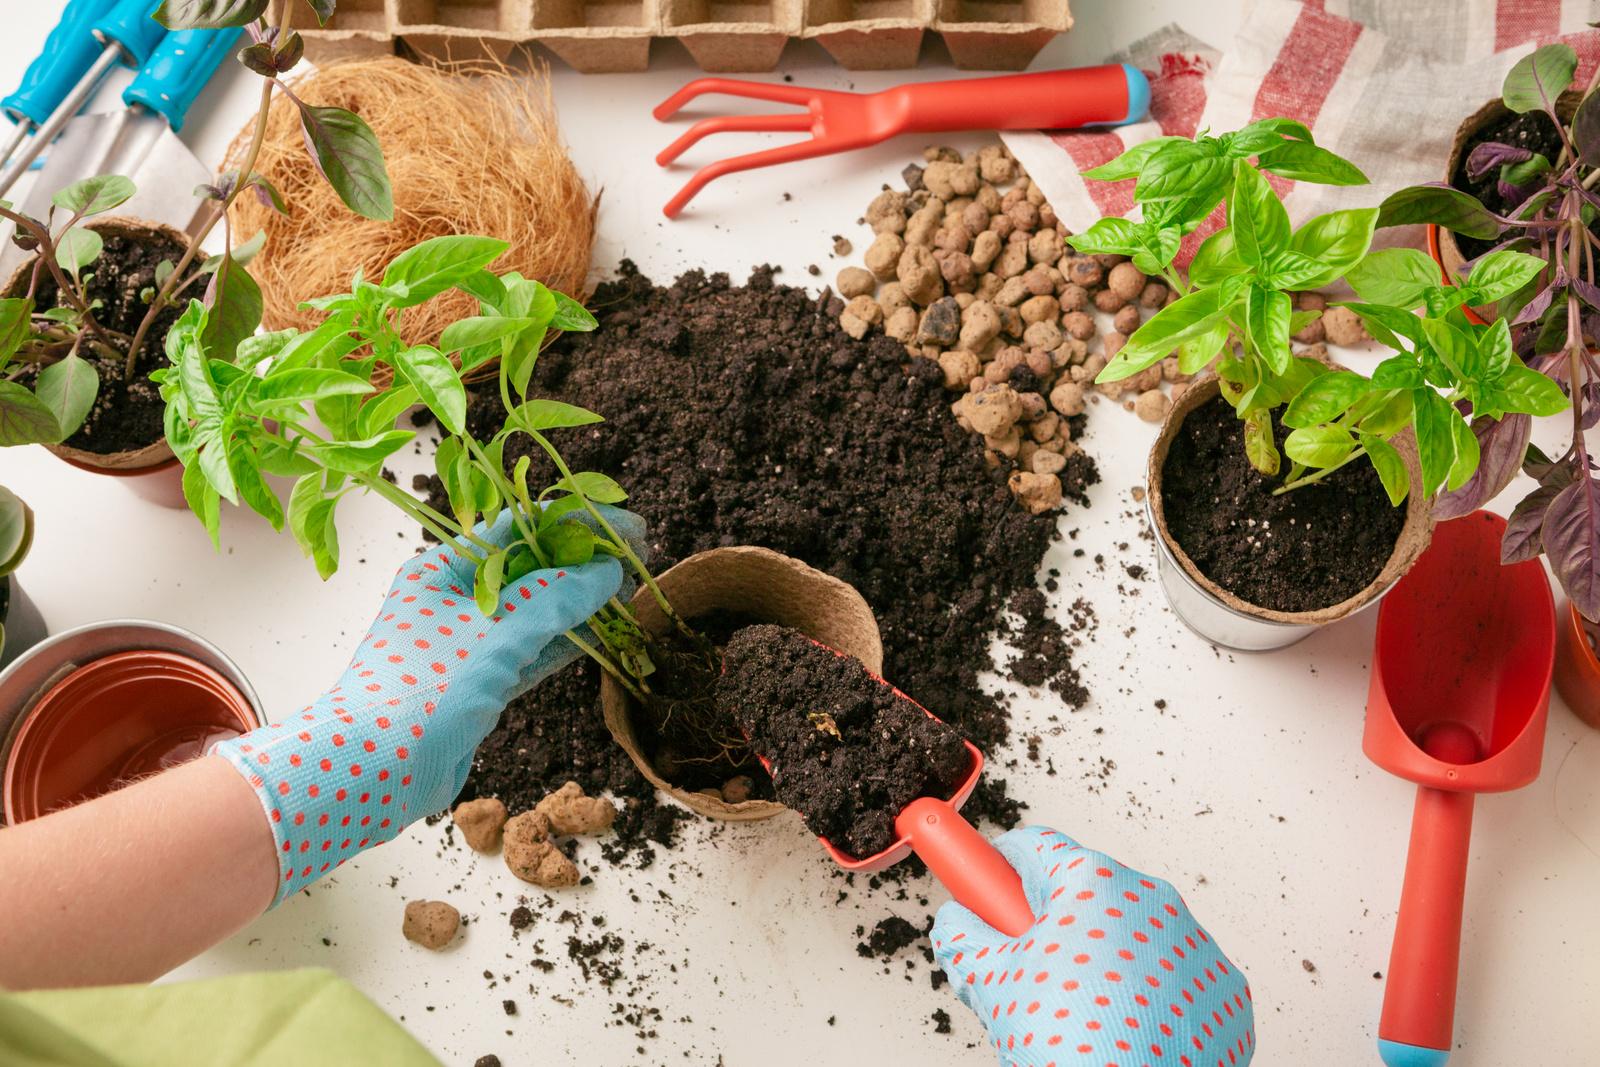 Zahradničení podle Luny je zajímavé